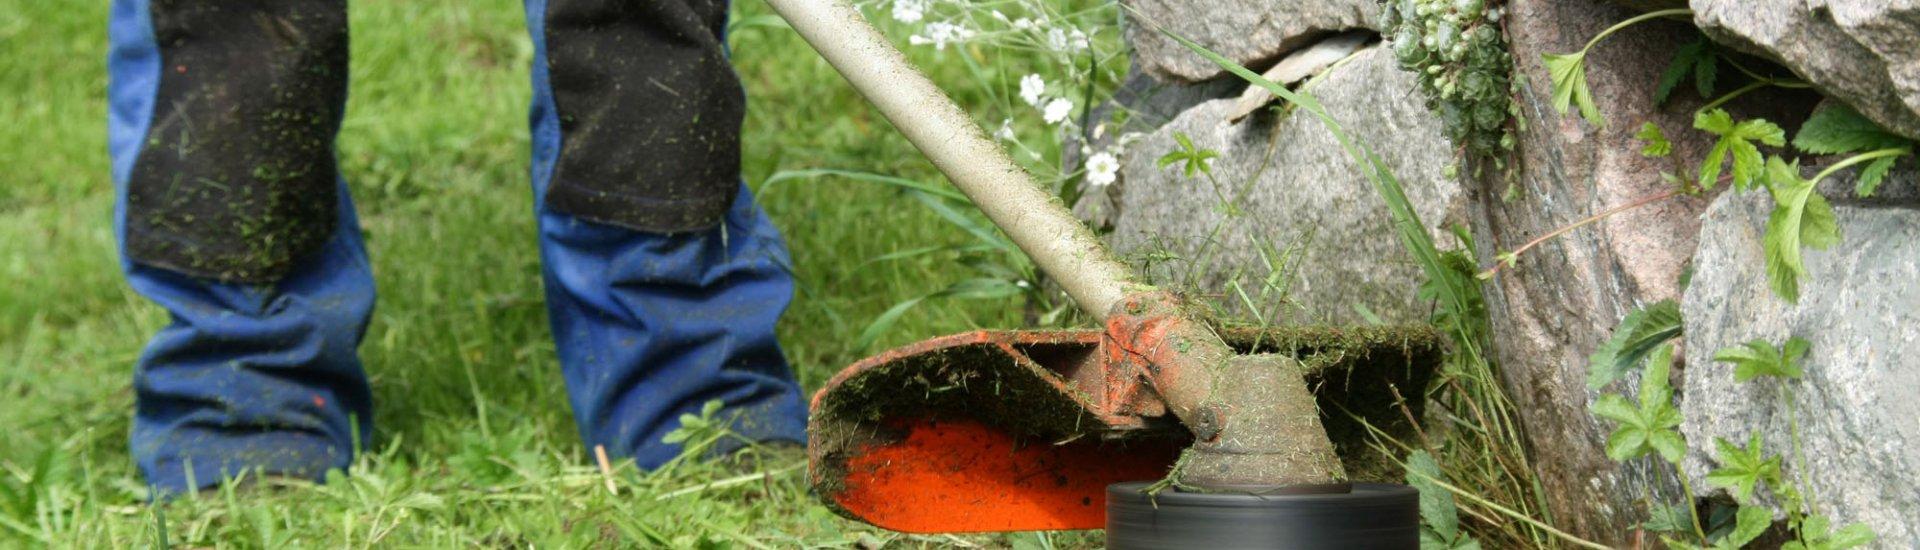 Rasenkanten schneiden: Anleitung, Geräte & Tipps